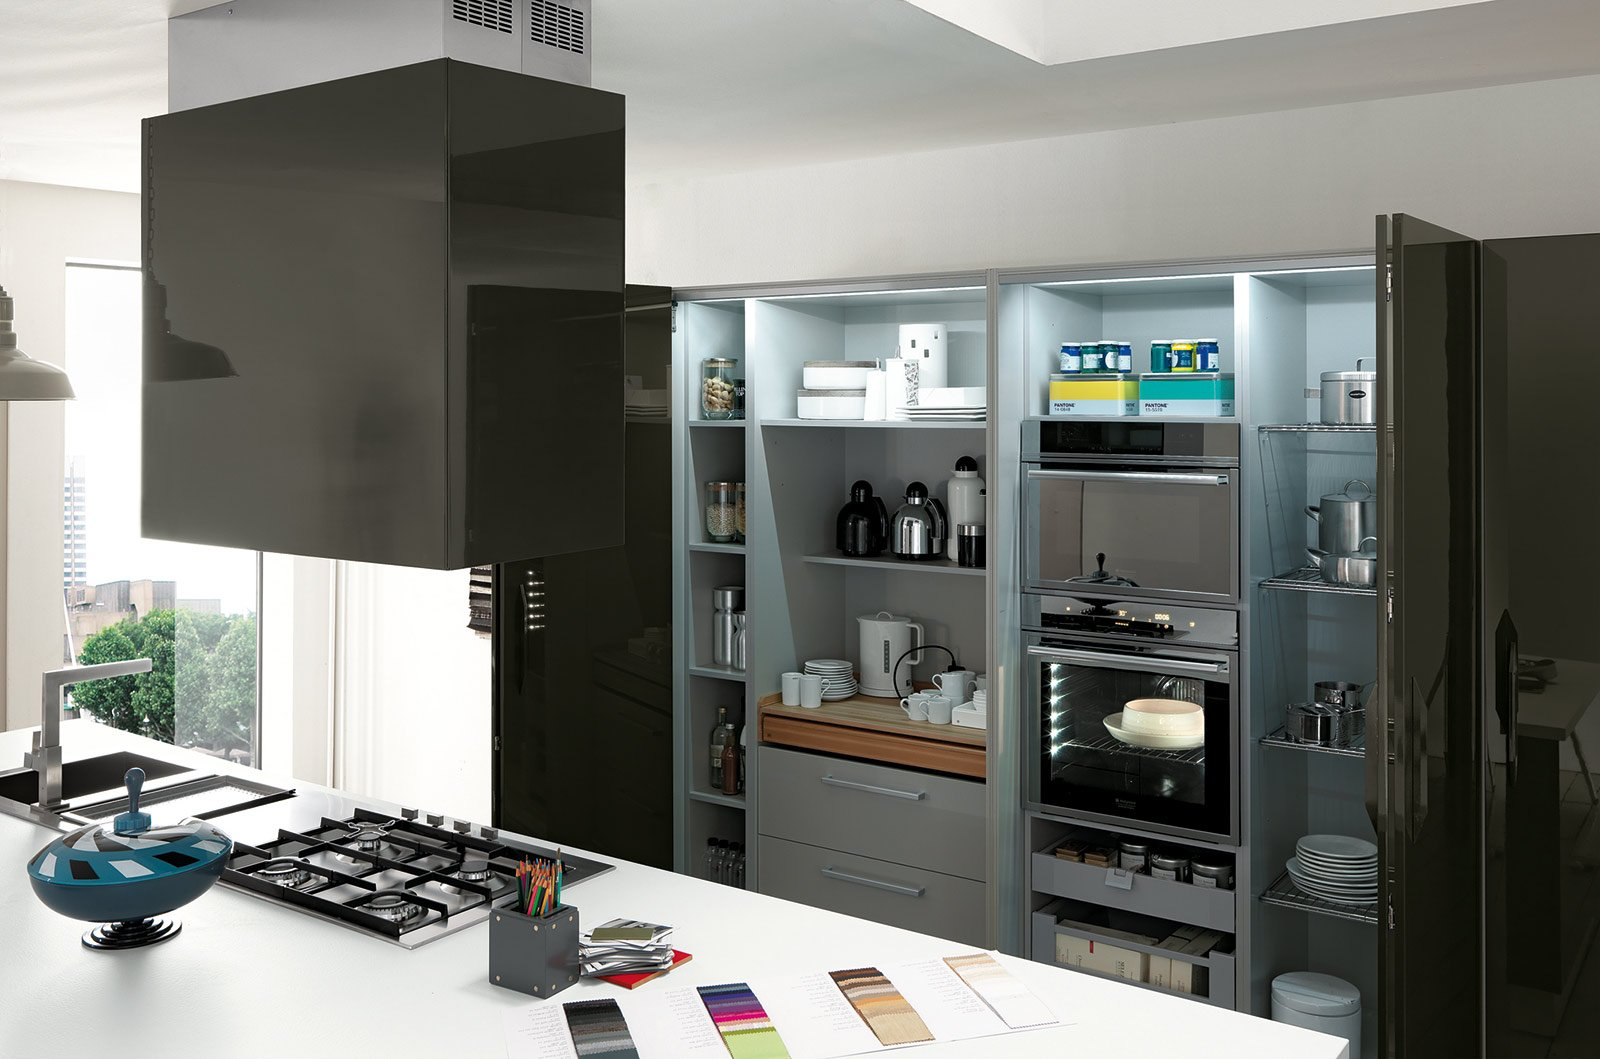 Cucina: che moduli scelgo per la dispensa - Cose di Casa